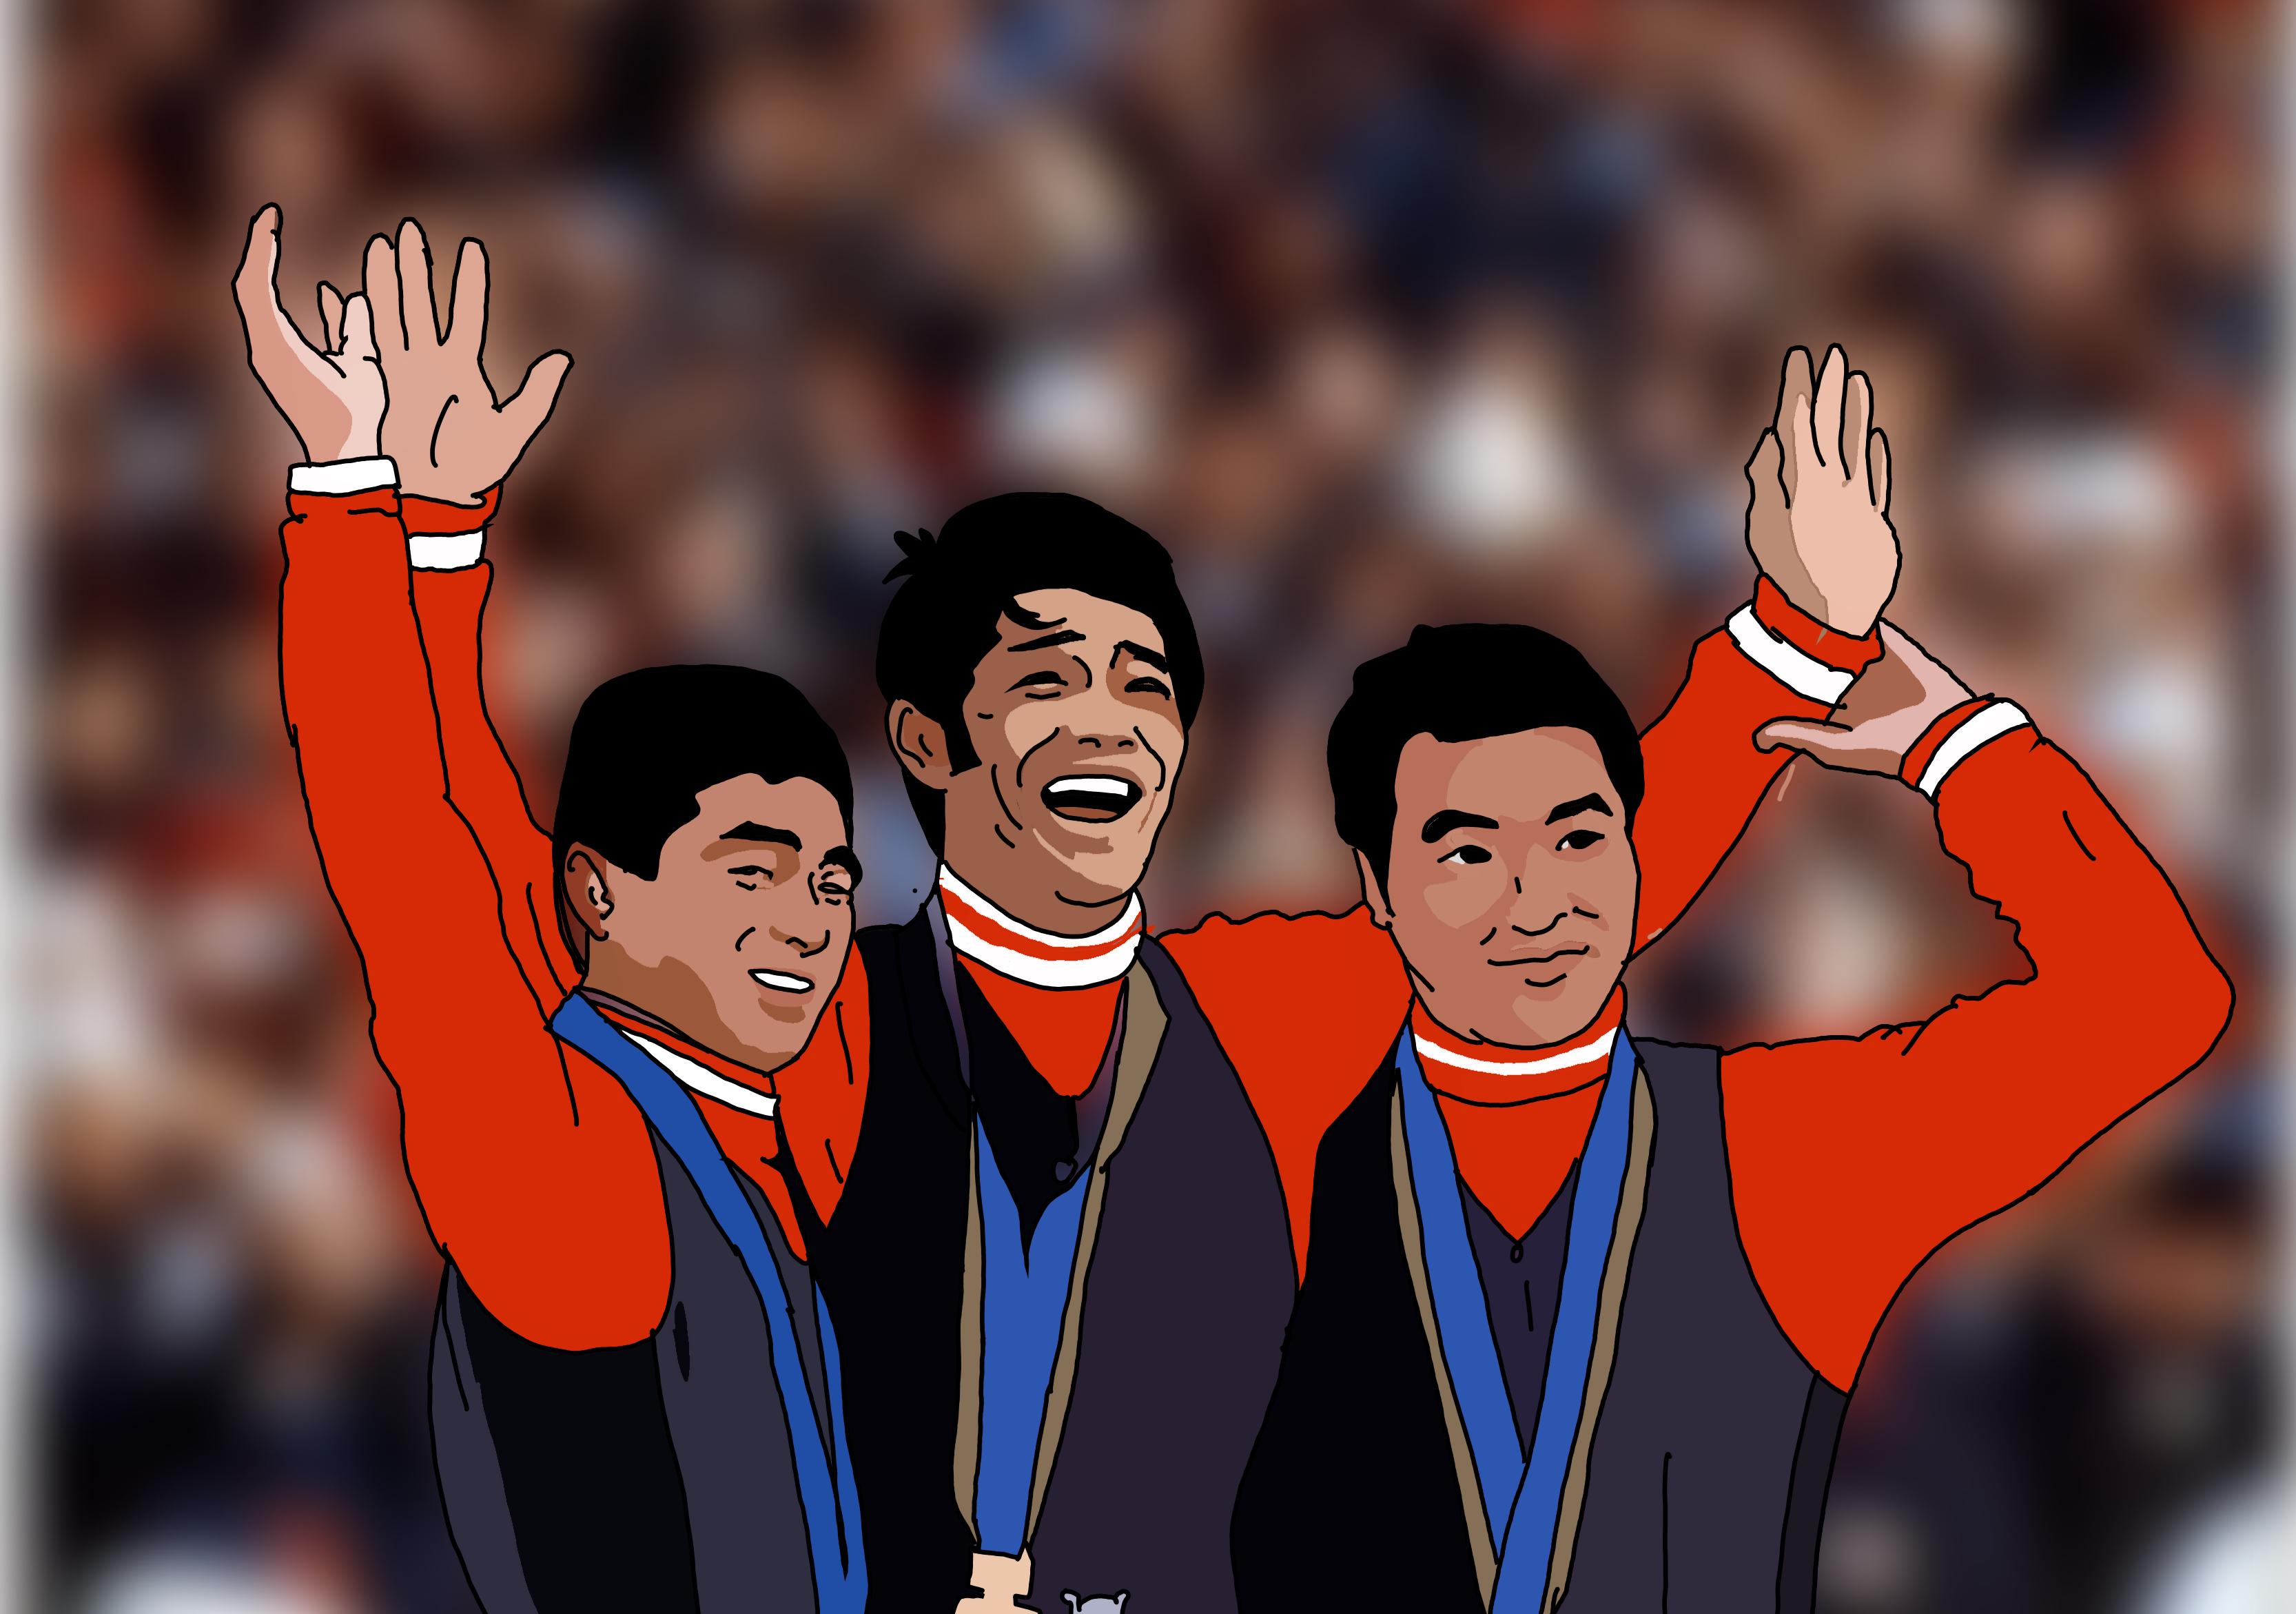 柿沢謙二ブログ: 冬季オリンピック 日本の獲得した金メダル